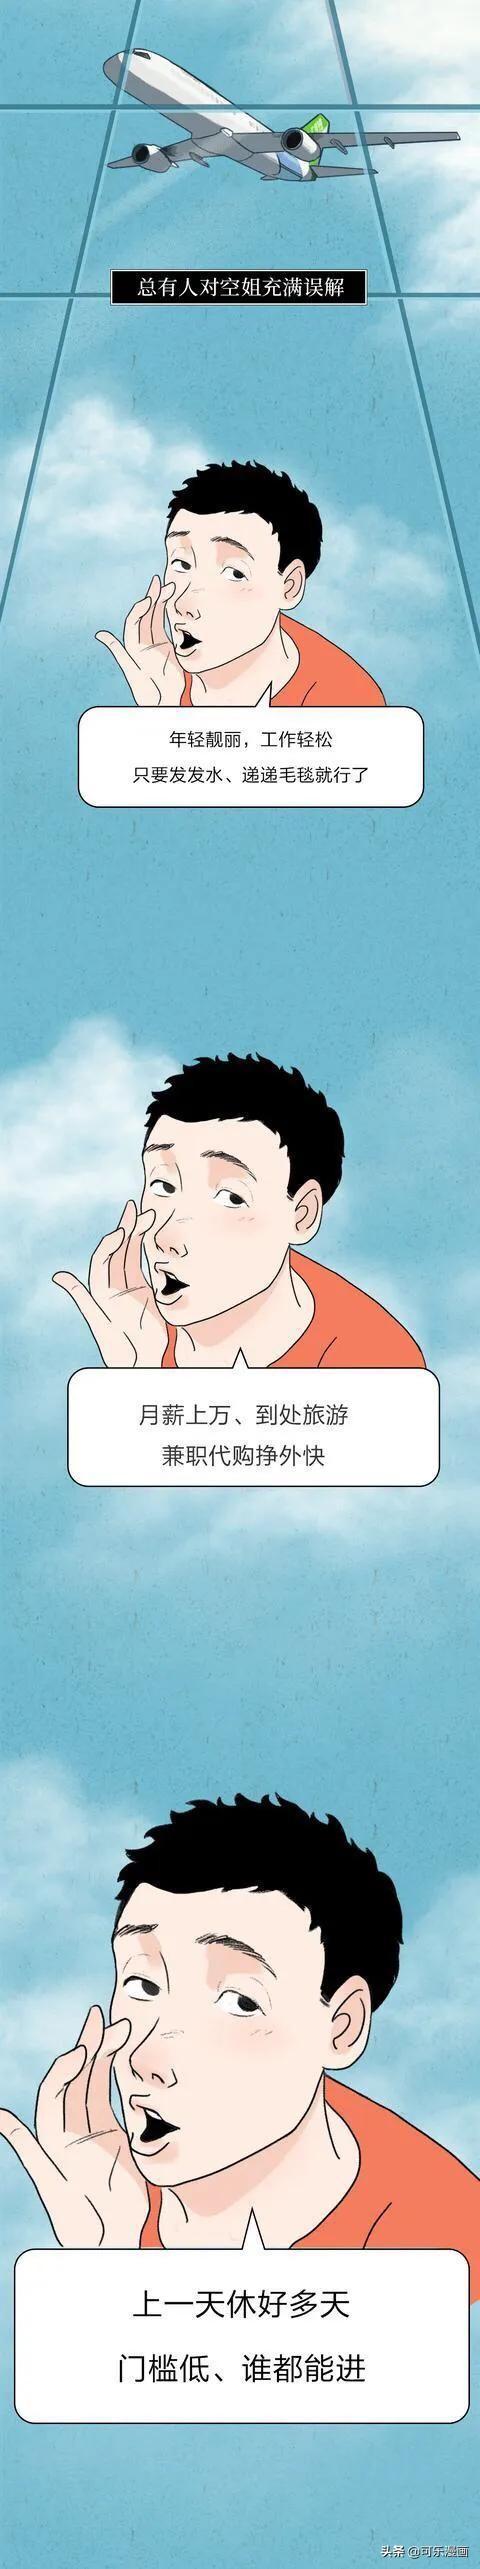 漫画,漫画:自从当了空姐,男友认为我一直在伺候人,他变得越来越坚强